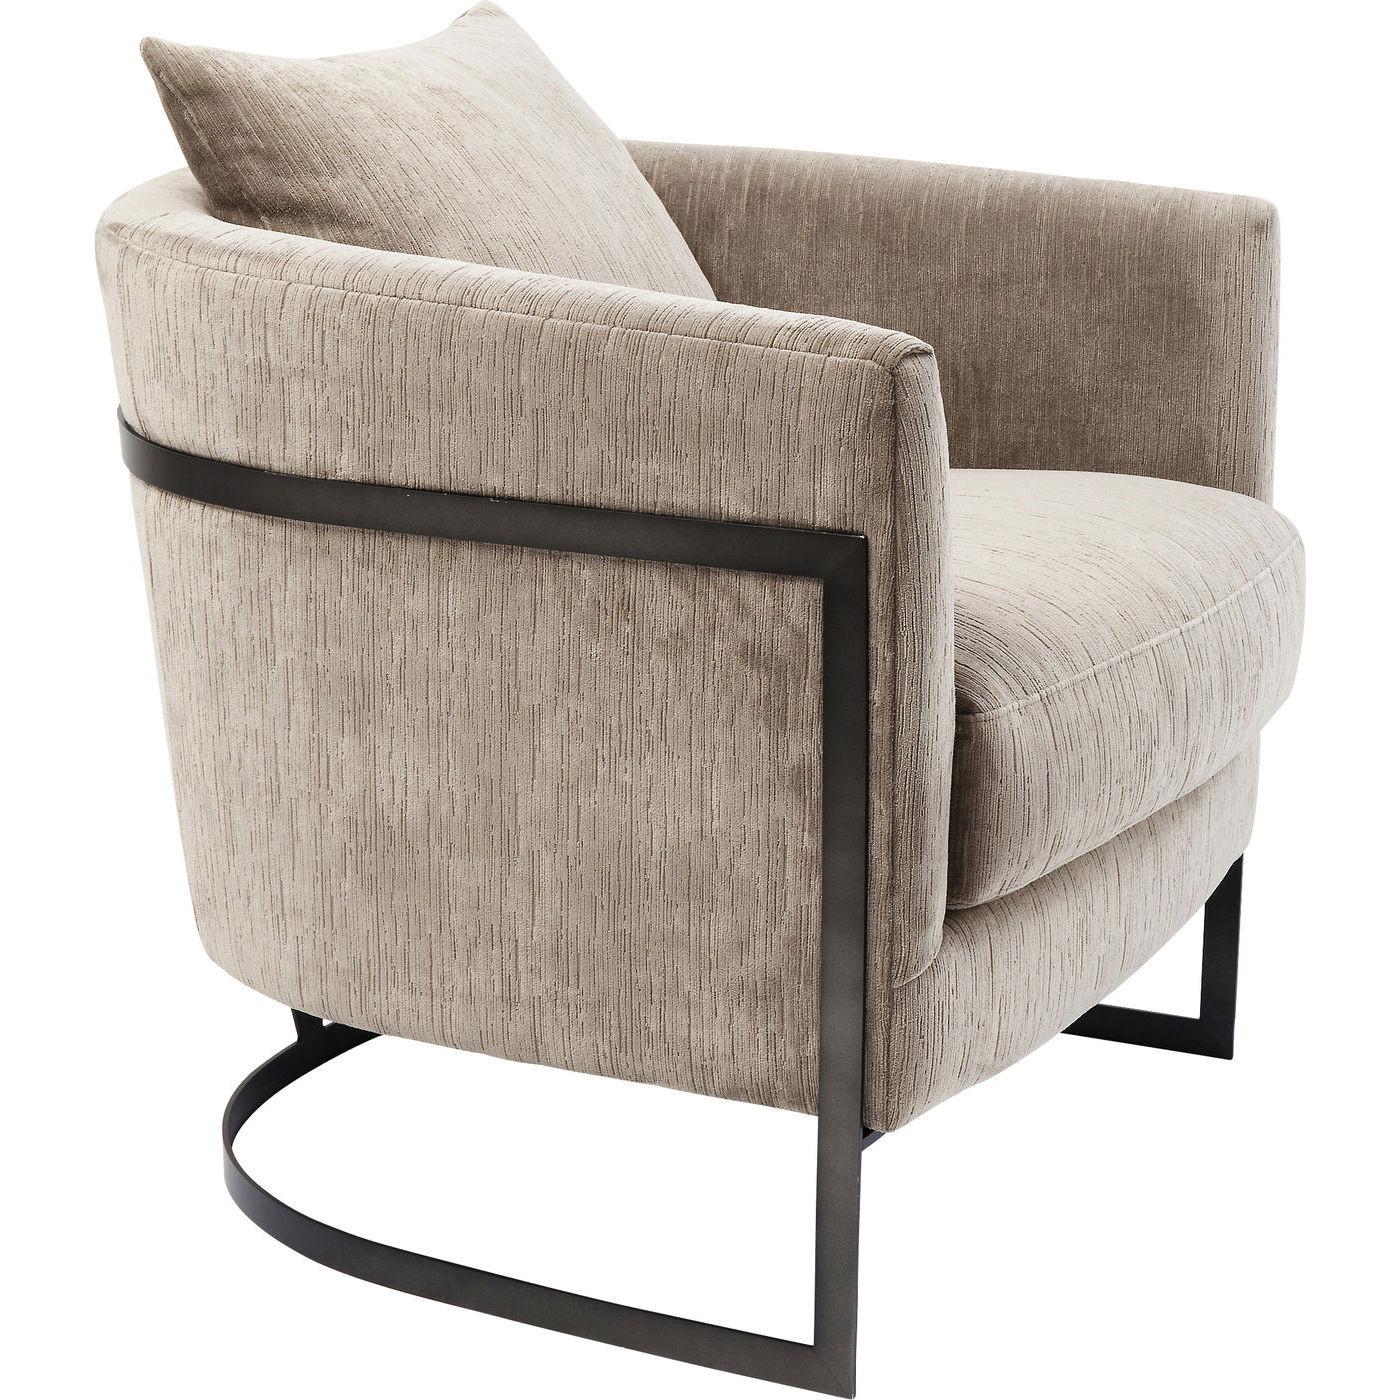 sessel la vida design sessel sessel wohnzimmer m bel mutoni m bel. Black Bedroom Furniture Sets. Home Design Ideas